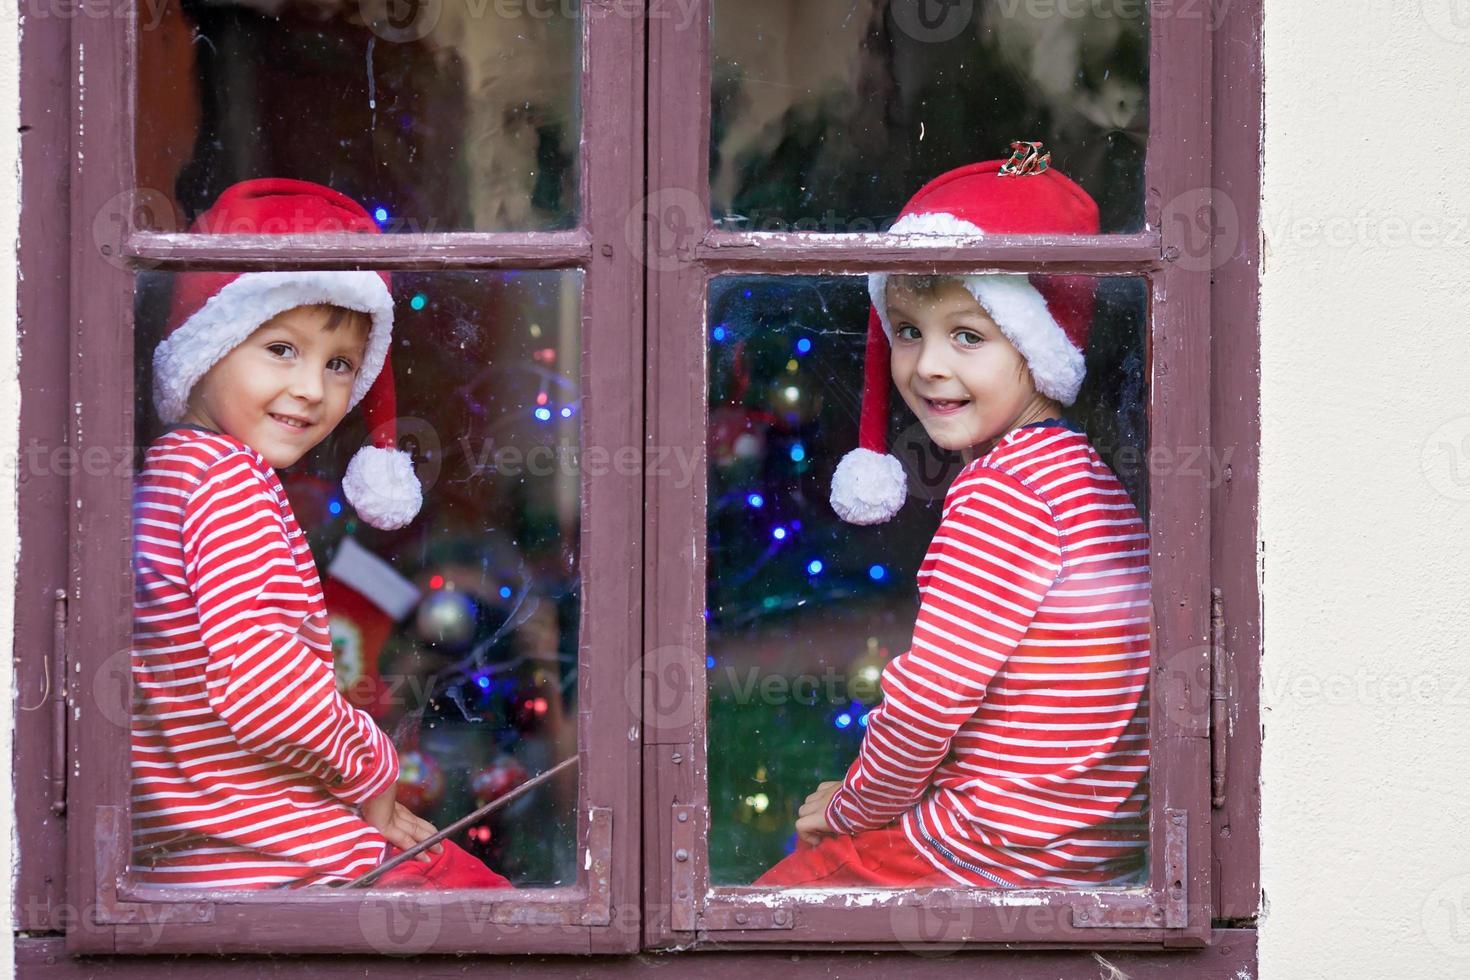 due ragazzi carini, fratelli, guardando attraverso la finestra, aspettando Babbo Natale foto